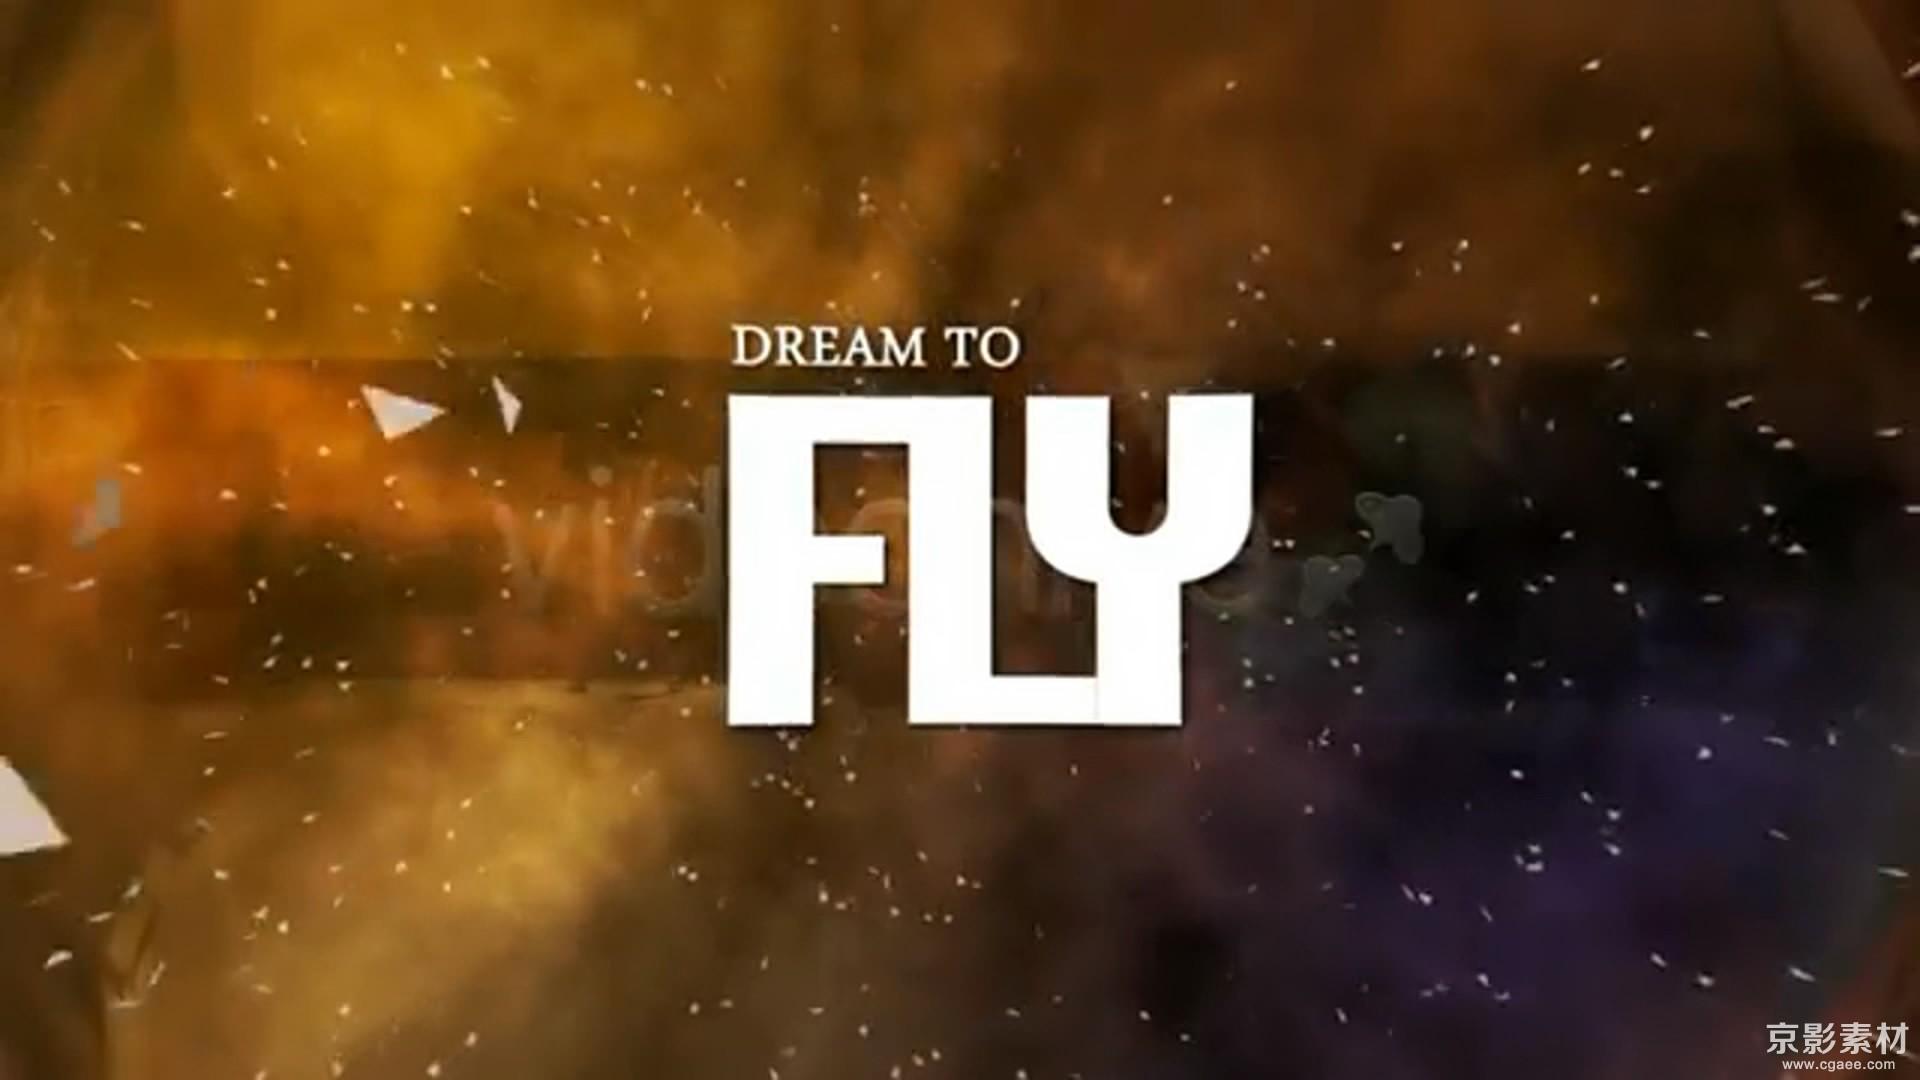 AE模板-旋转梦幻相册片头Dream To Fly